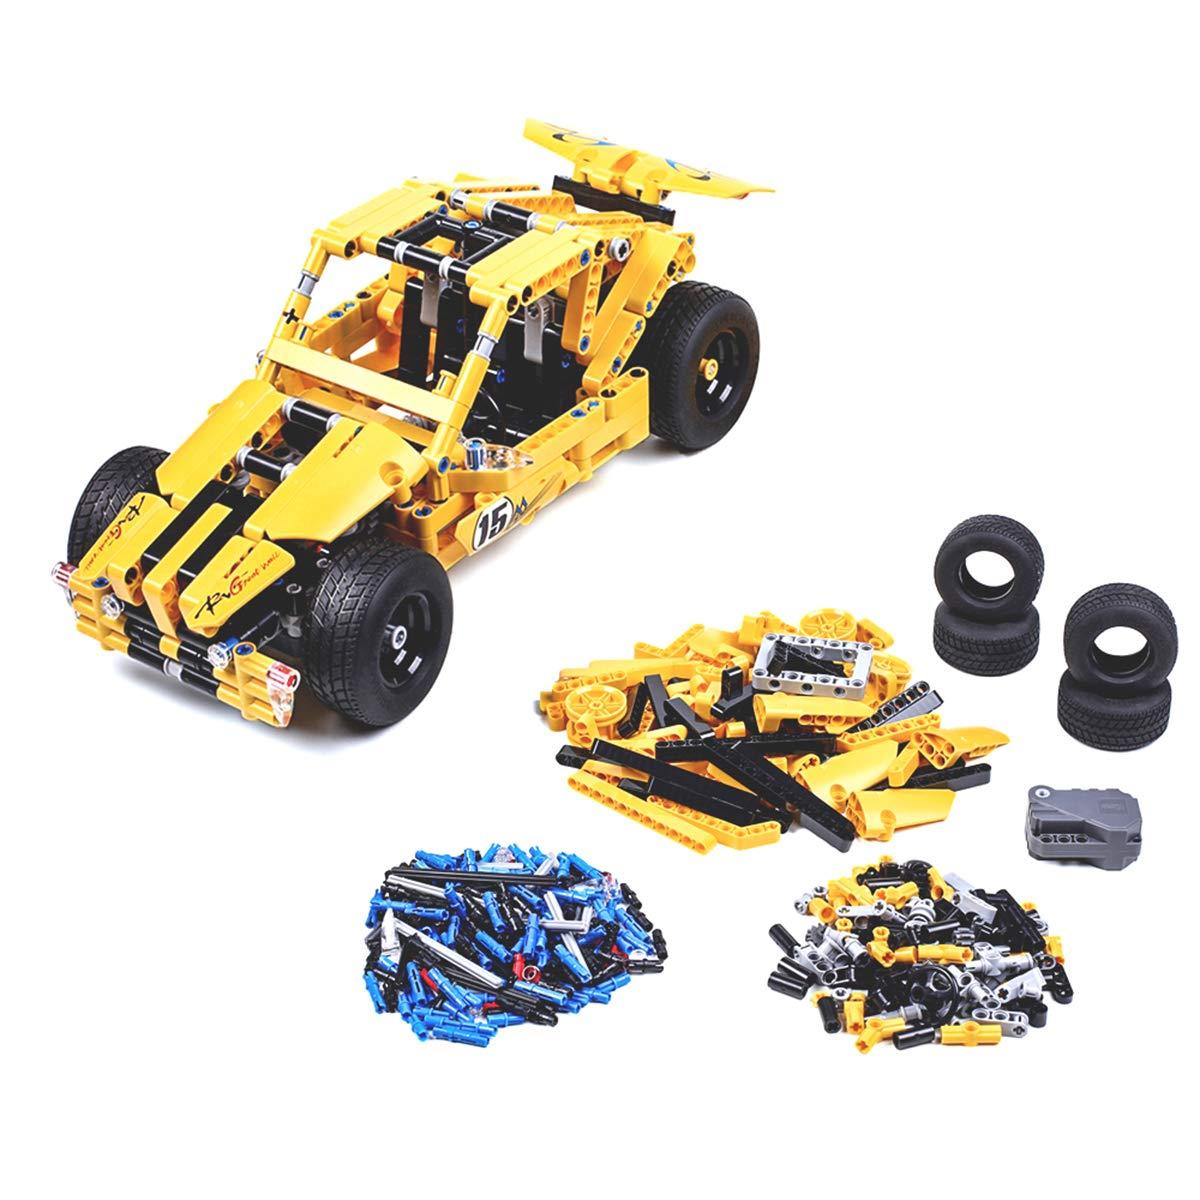 Amazon.com: kilotoy juguetes de construcción Pullback coche ...